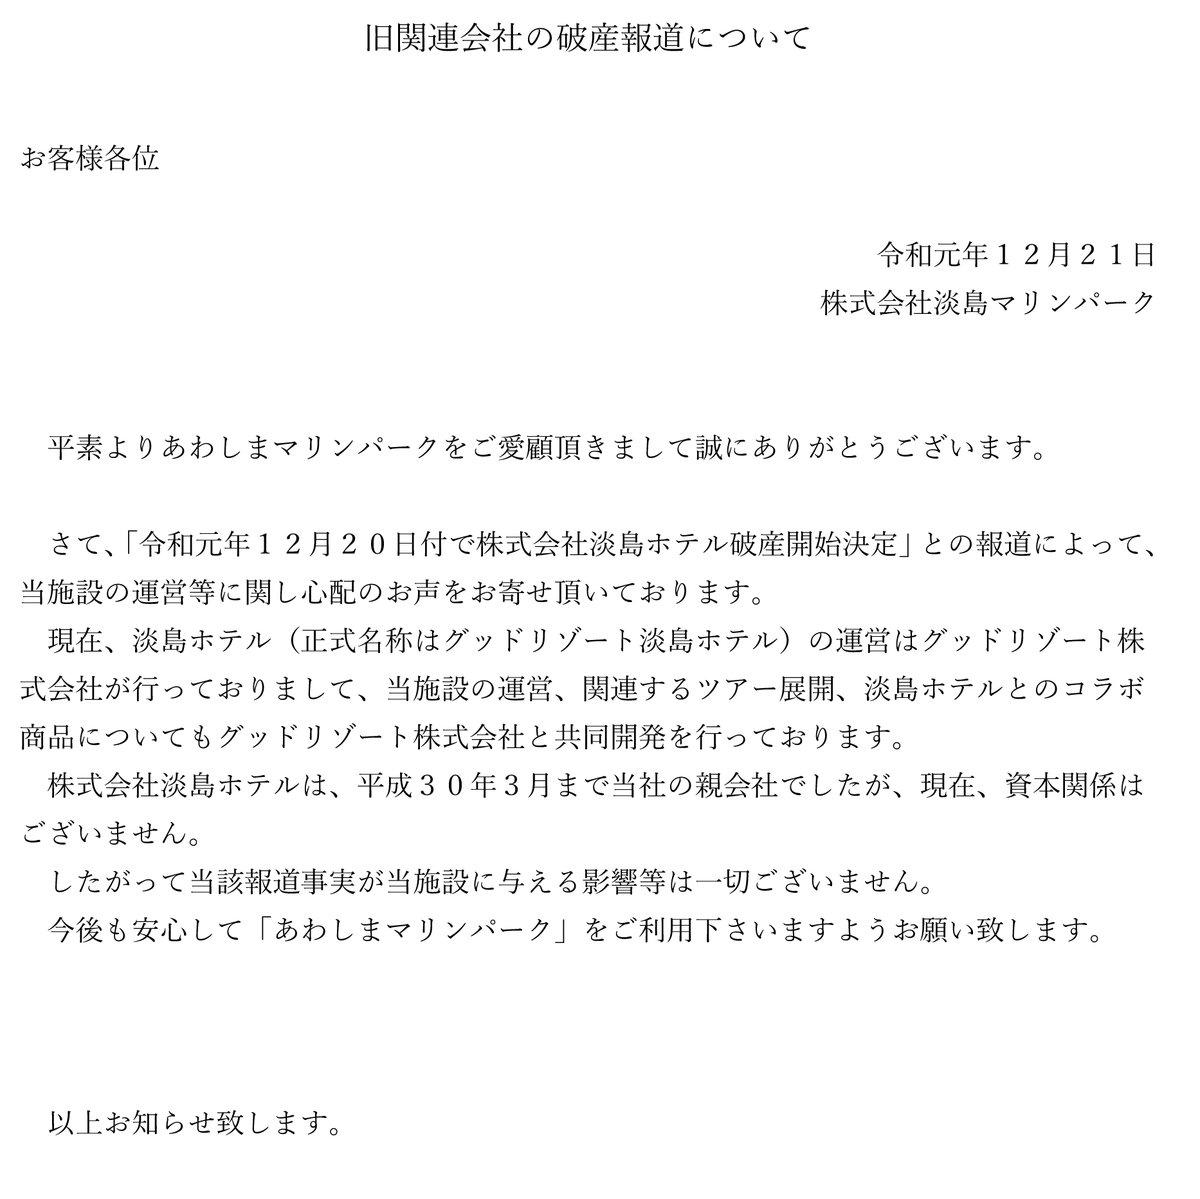 【お知らせします】12/21 令和元年12月20日付で株式会社淡島ホテル破産開始決定の報道があり、お客様・関係者方の皆様には、ご心配をおけしてすいません。 以下の、文章を掲載させて頂きます。 今後も、あわしまマリンパークを宜しくお願い致します。